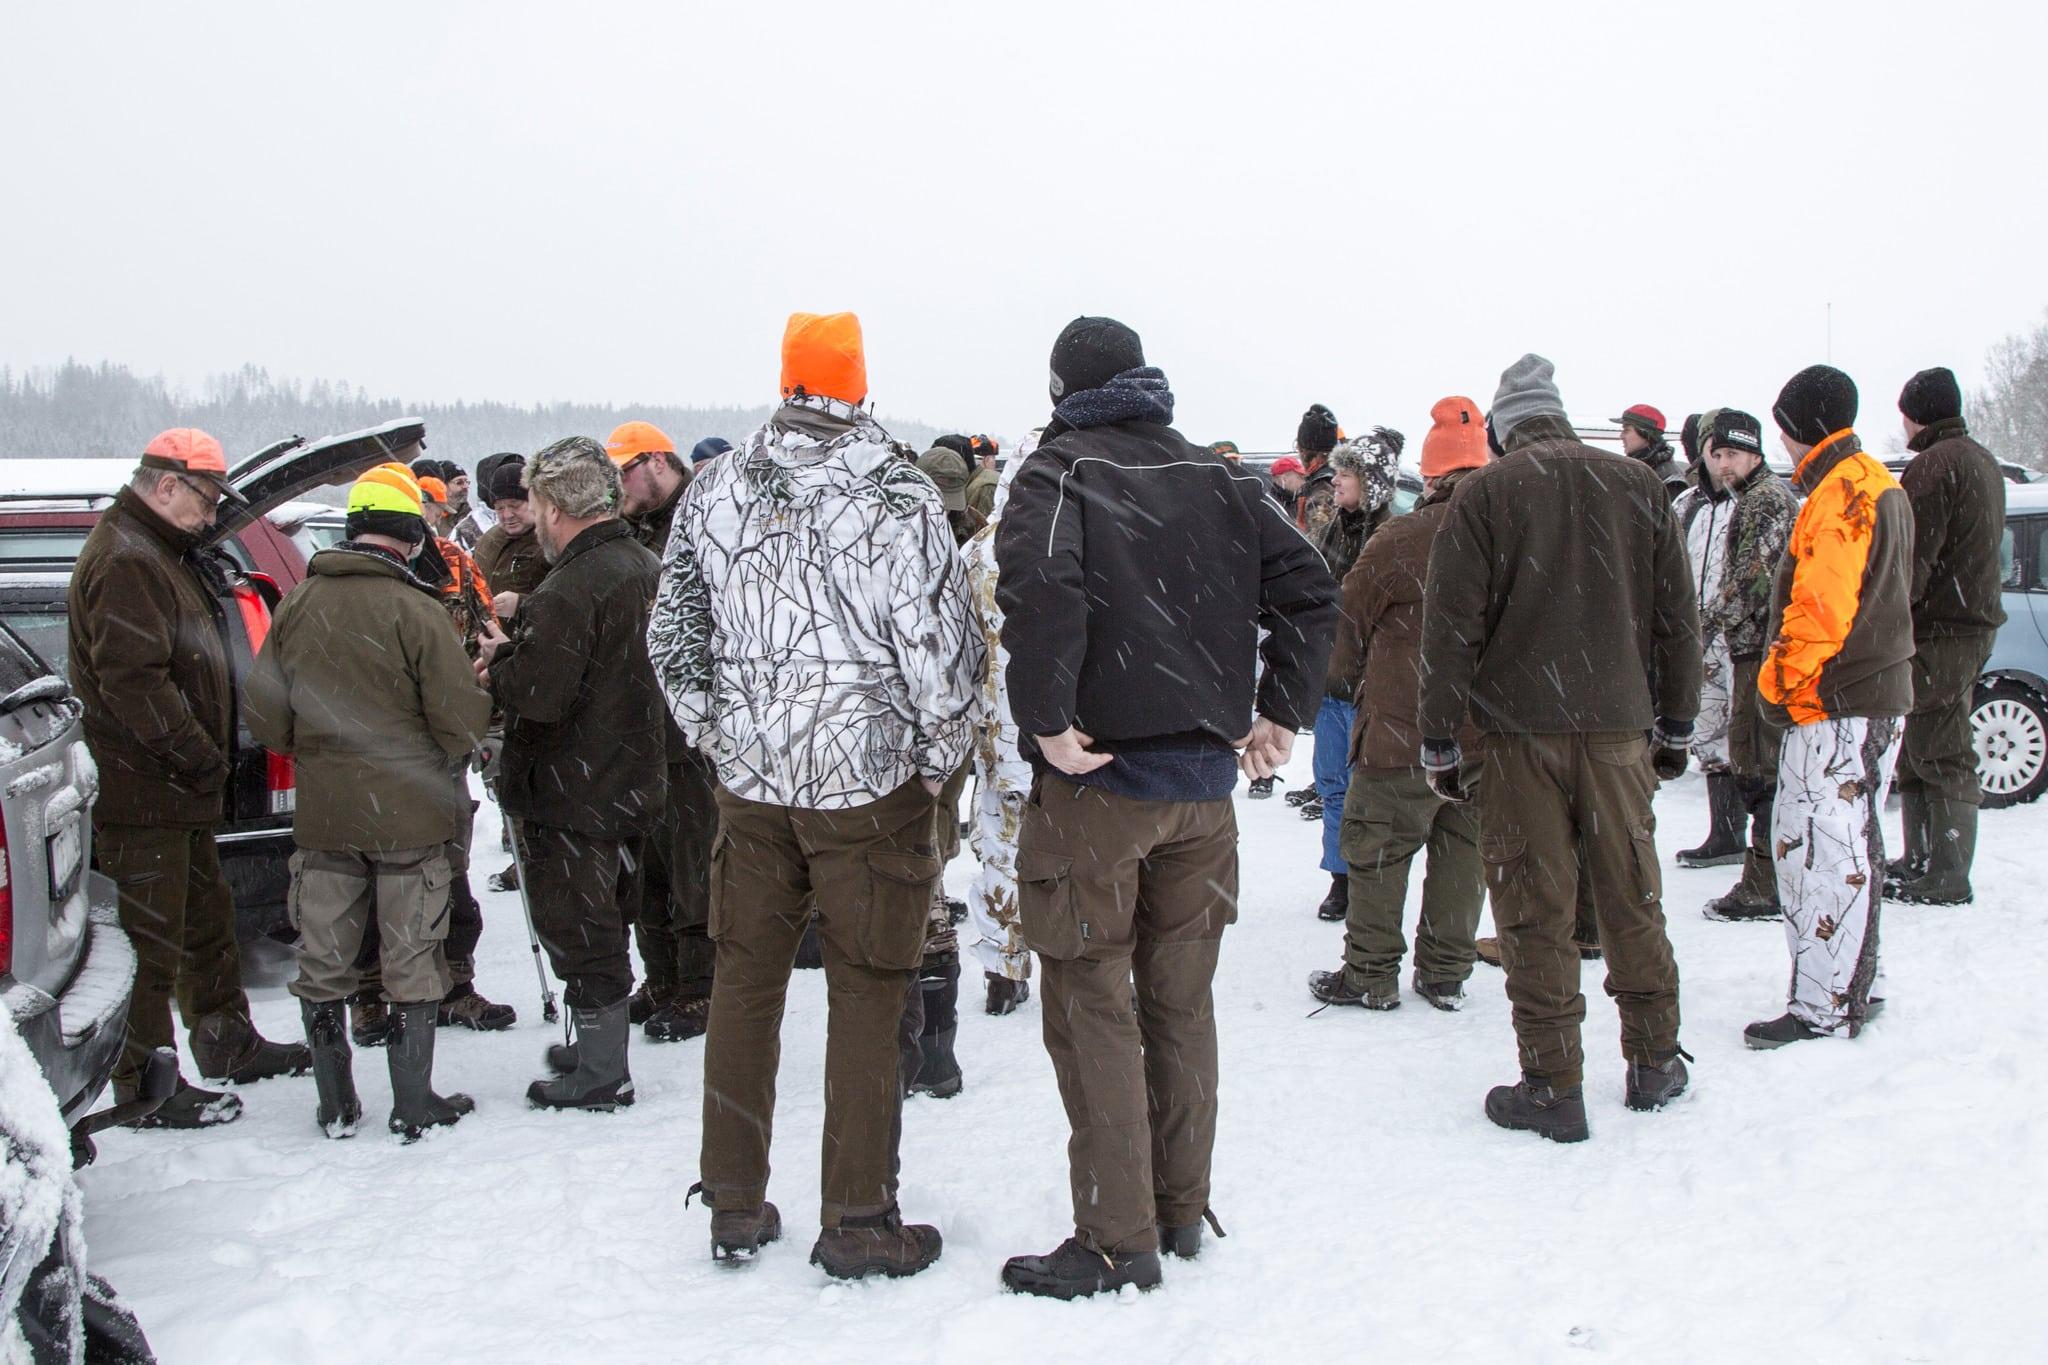 De jägare som drabbades av det felaktiga myndighetsbeslutet att stoppa vargjakten kräver nu ersättning för resor, stughyror med mera. Foto: Olle Olsson